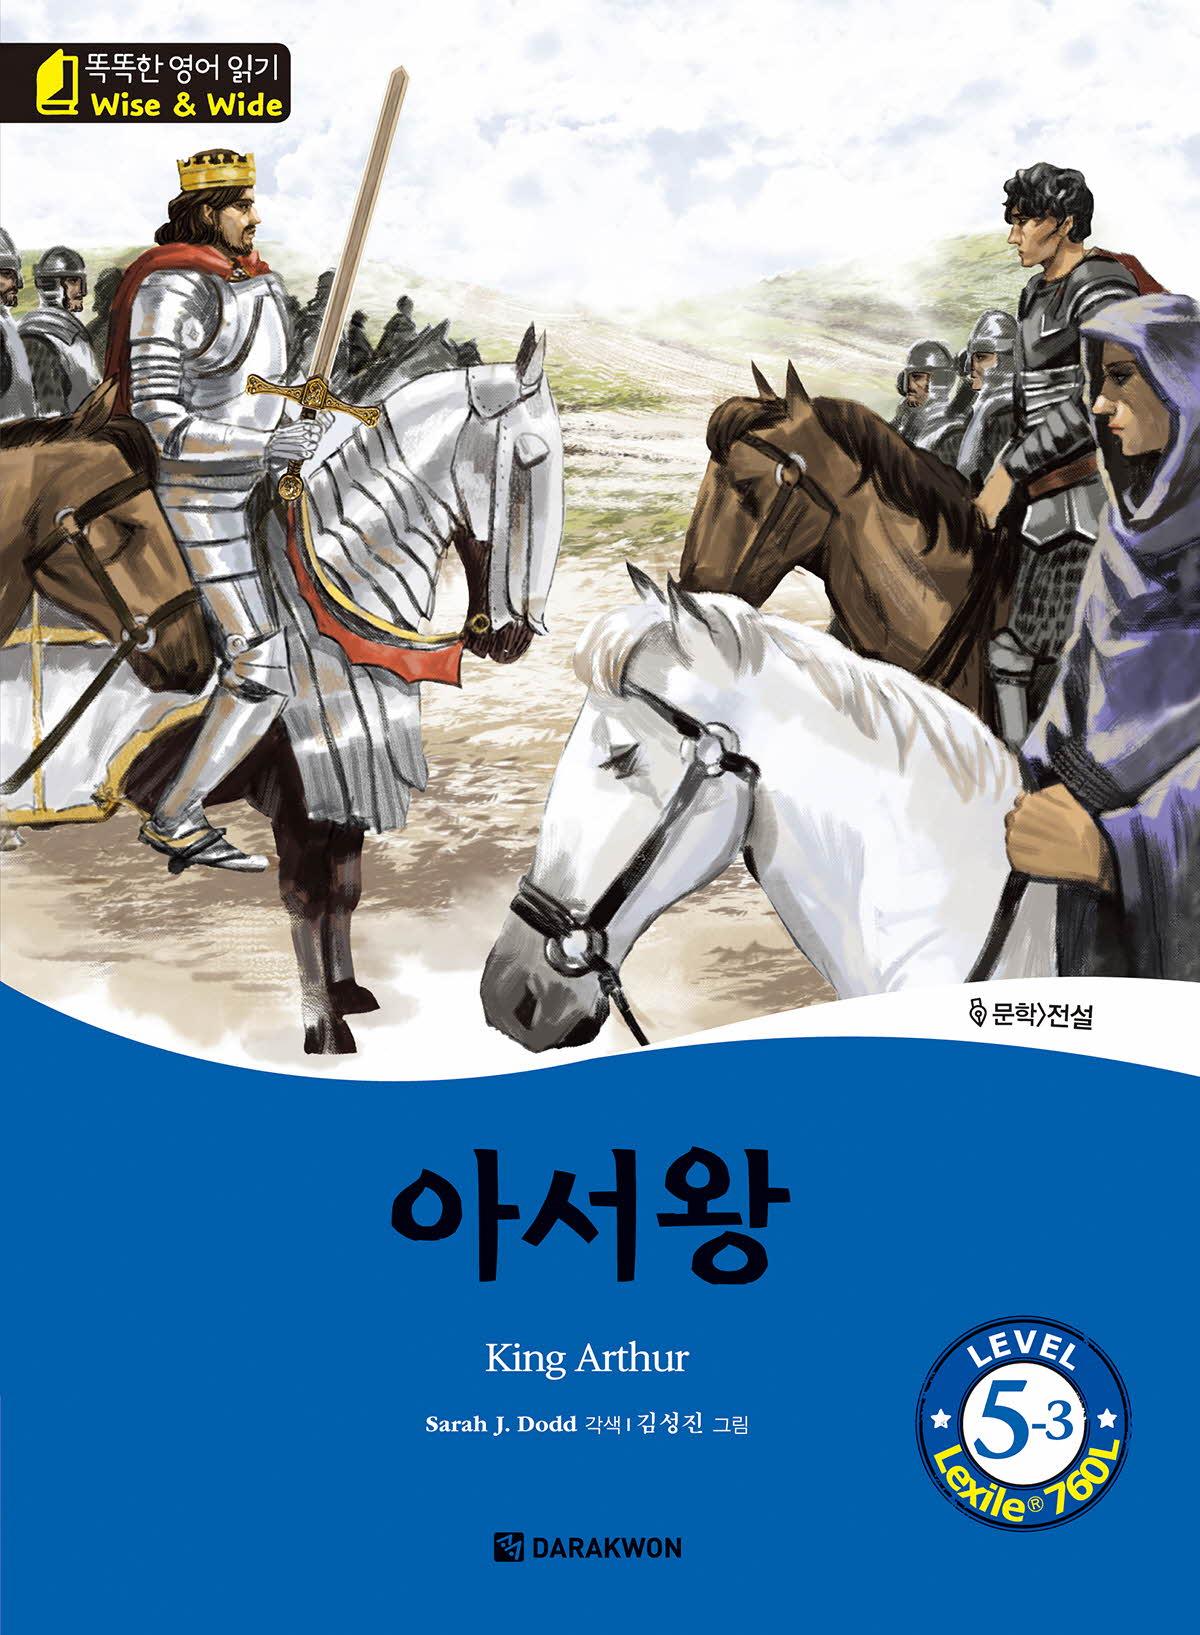 <a href='contents.php?cs_code=CS201803120043'>아서왕 (King Arthur)</a> 책표지